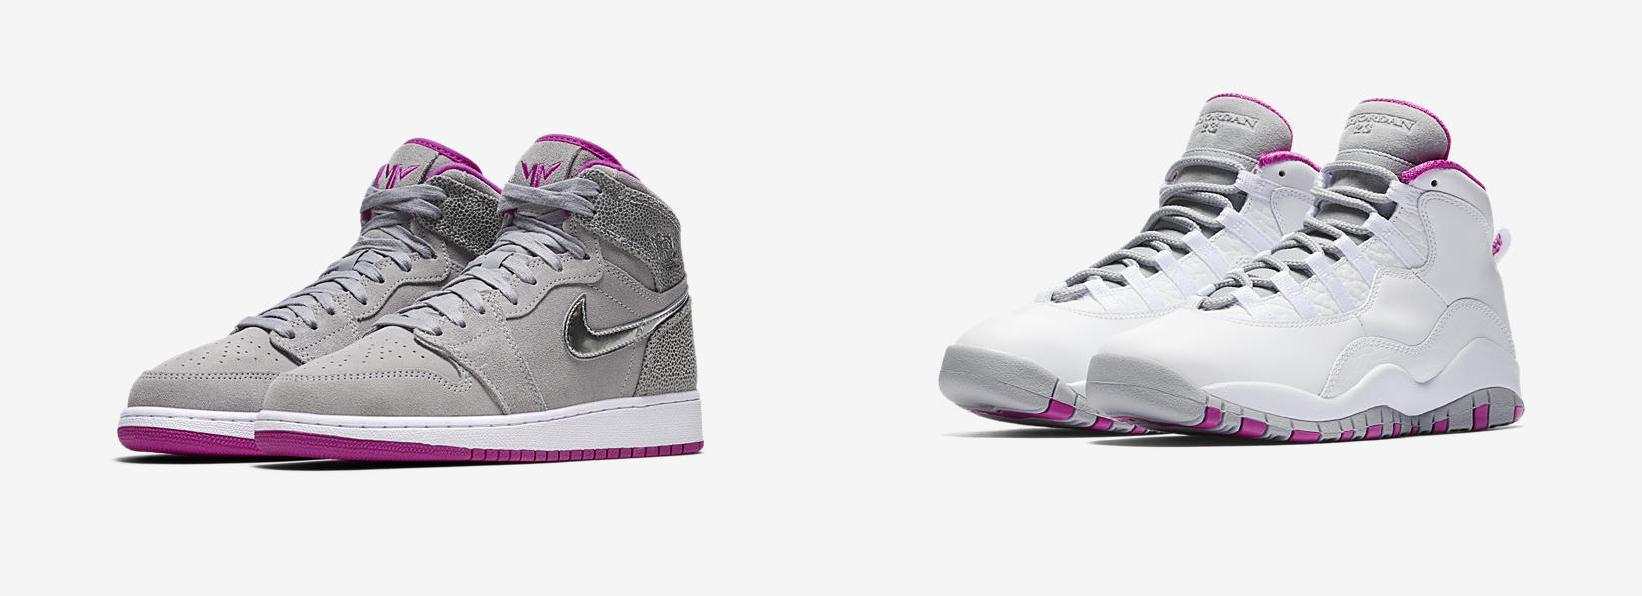 Jordan WNBA Maya Moore Pack Release - Cop These Kicks 0341540cb